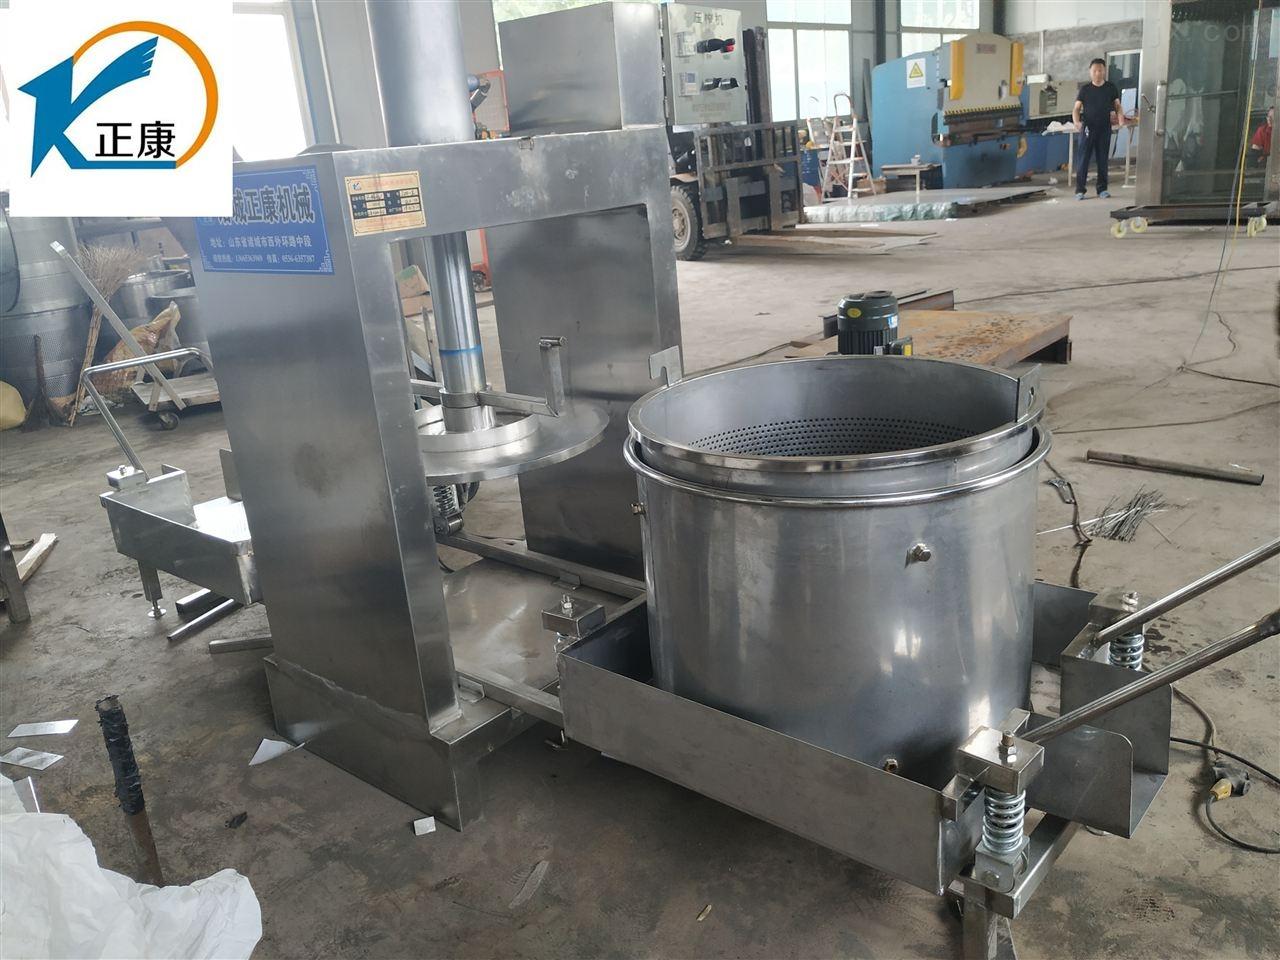 火锅底料液压榨油机